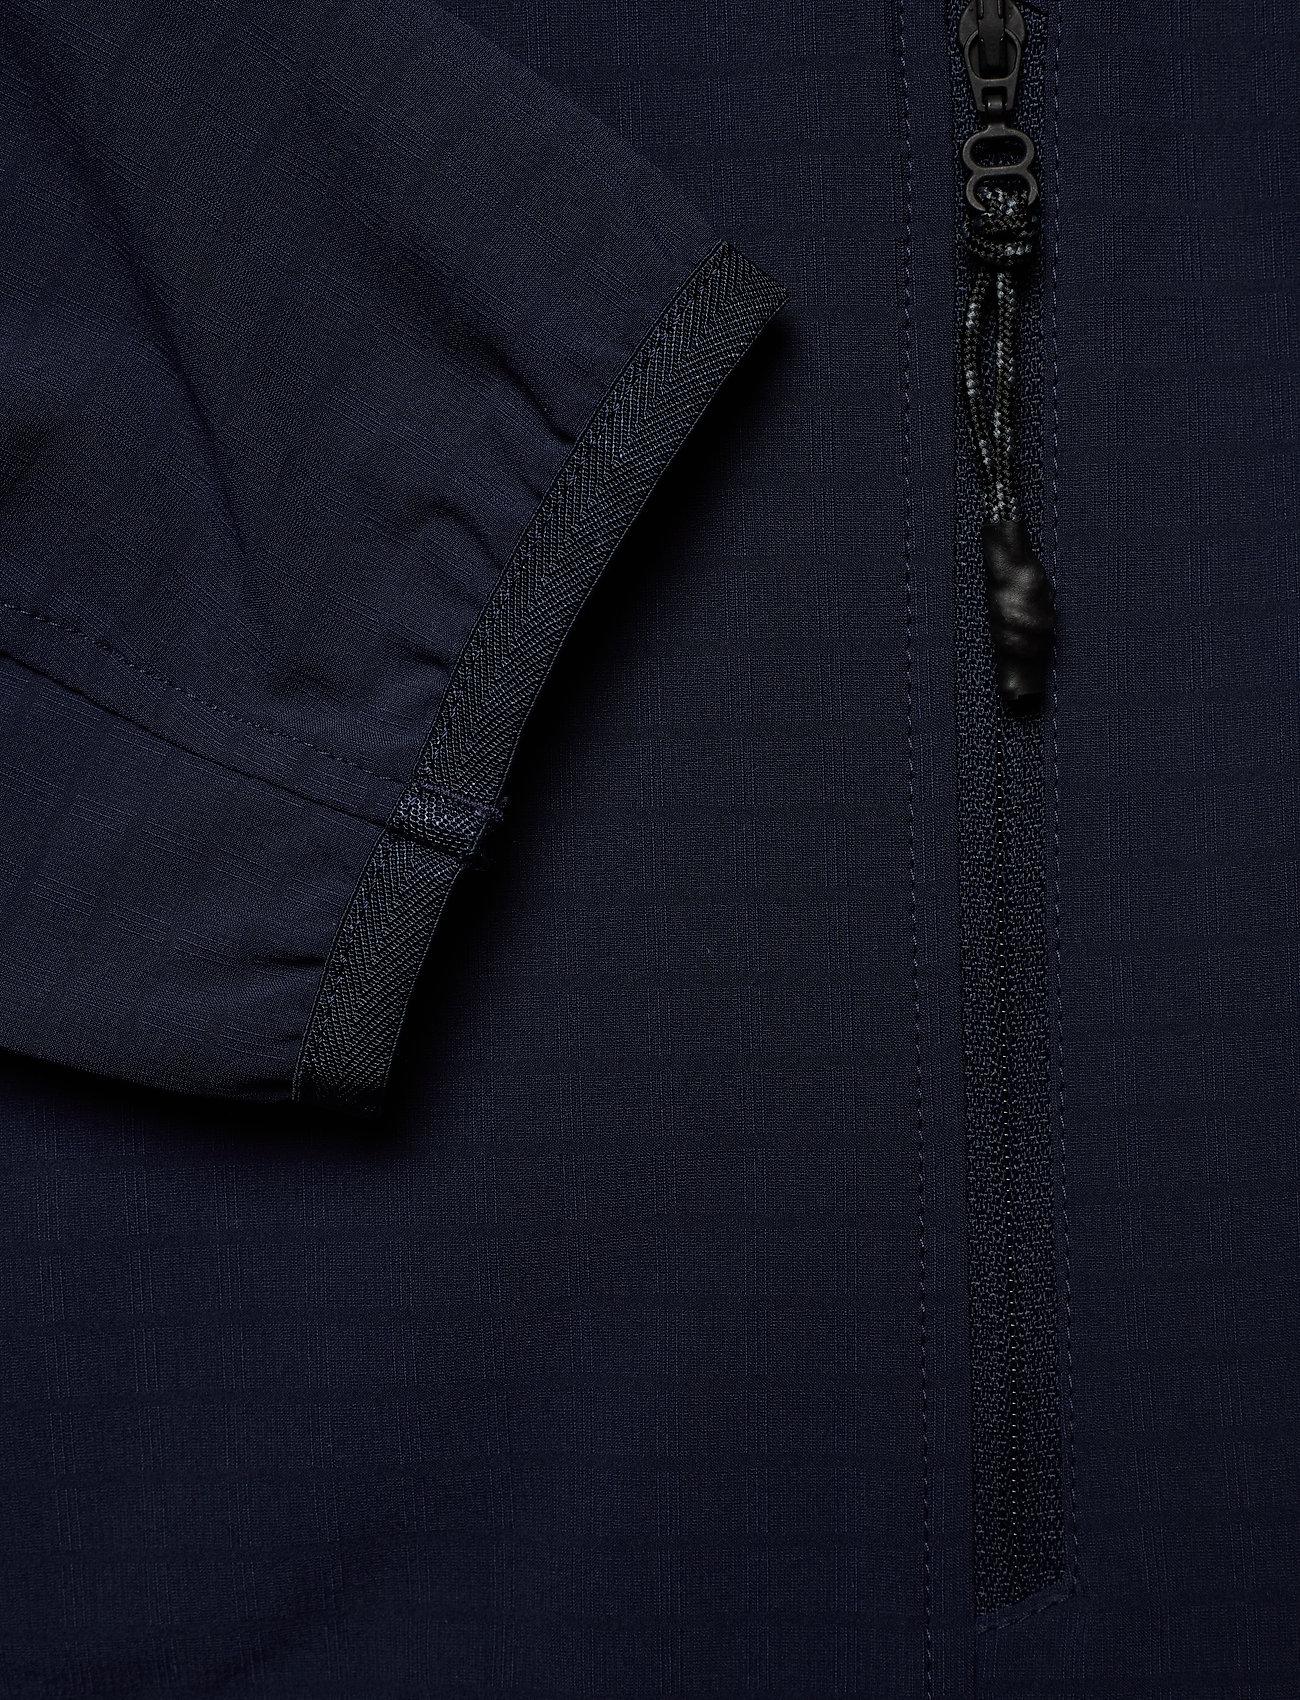 8848 Altitude Crevice Jacket - Jakker og frakker INDIGO - Menn Klær